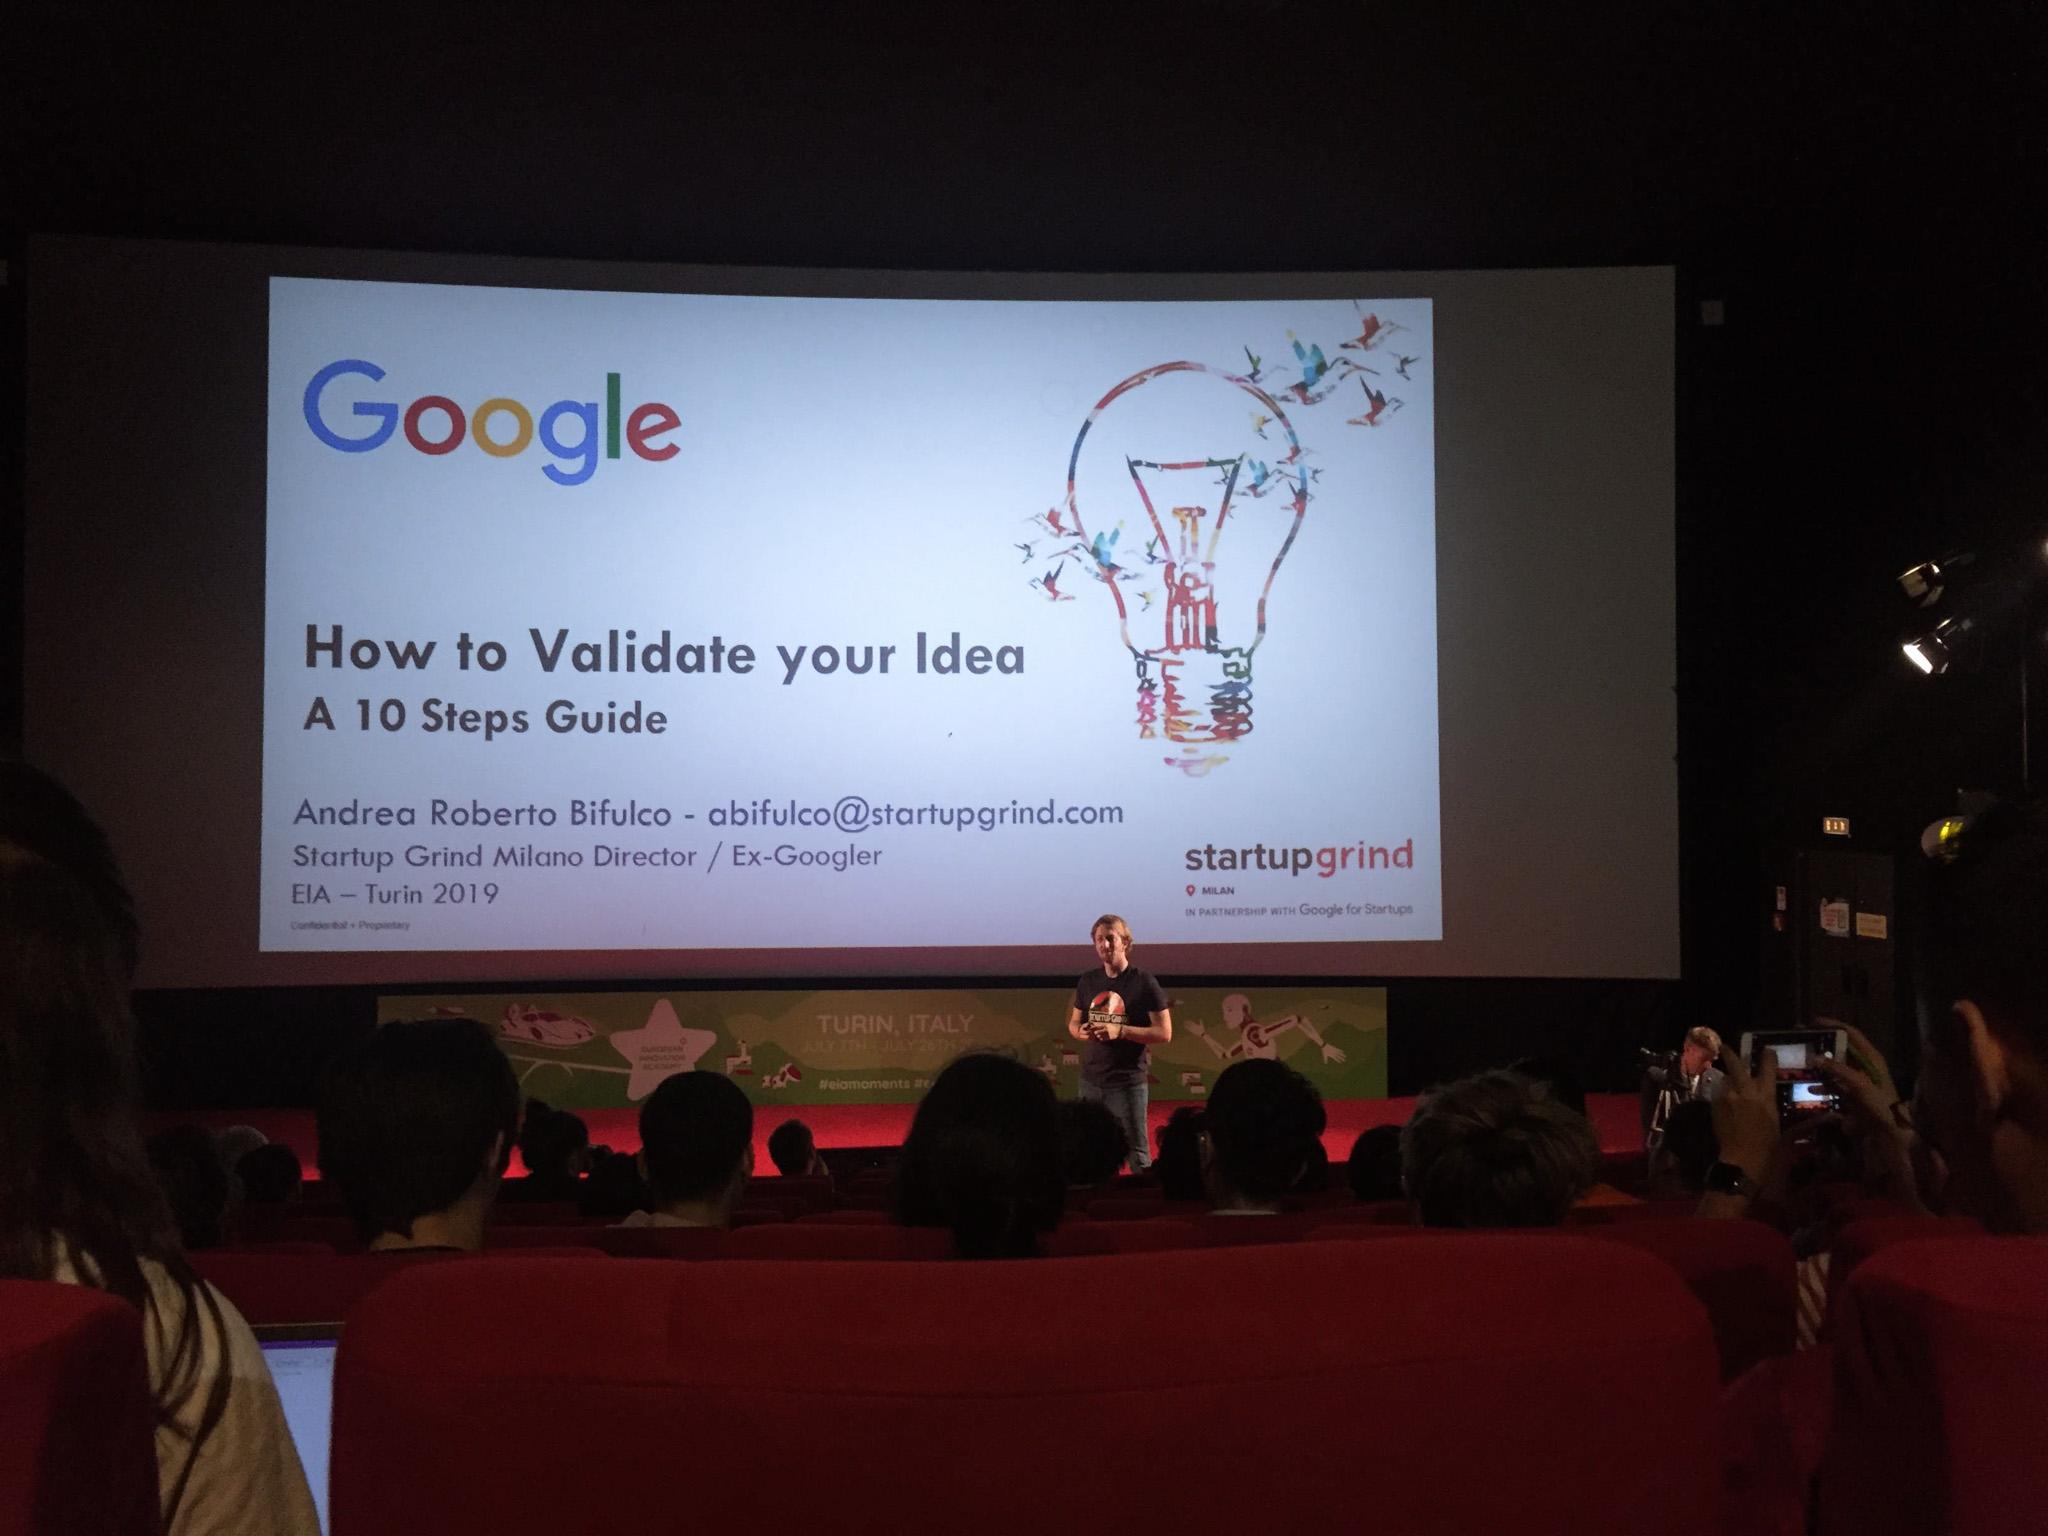 來自google的講師帶來所屬部門研發的google glass現場展示,以及跟我們分享如何讓腦中的新點子在真實生活中實現